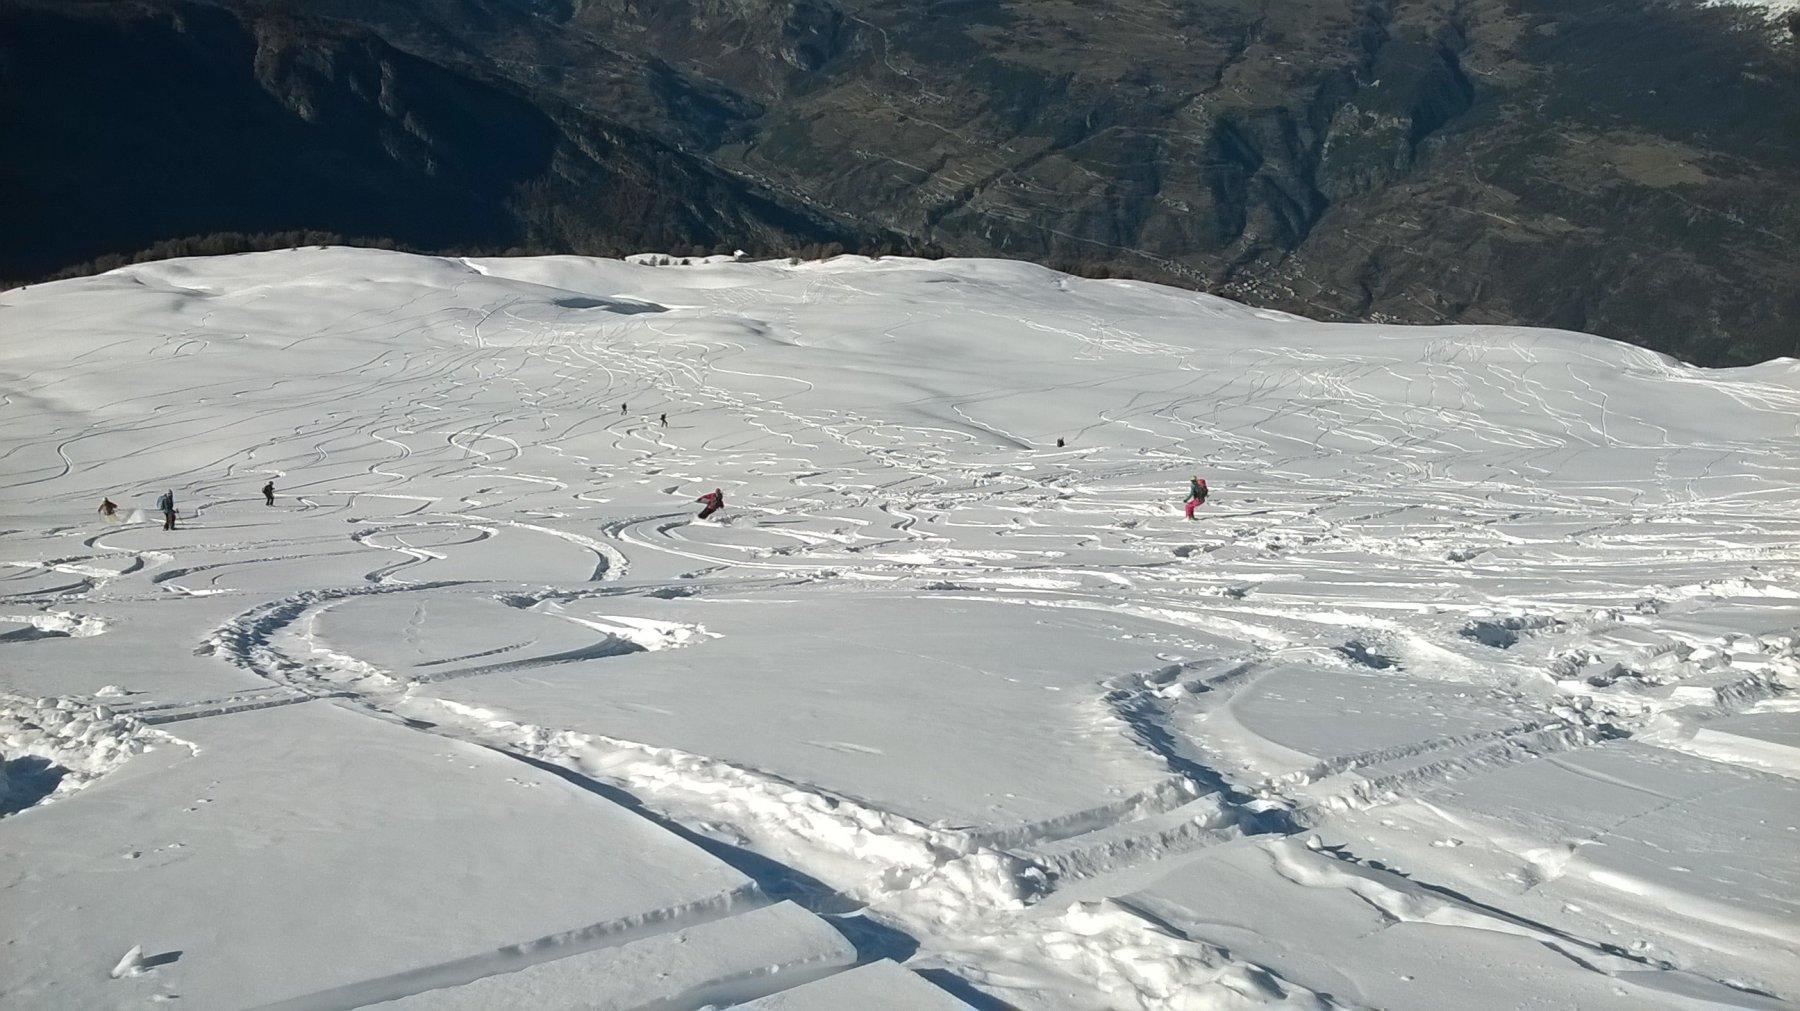 Neve fantastica nel pendio sommitale